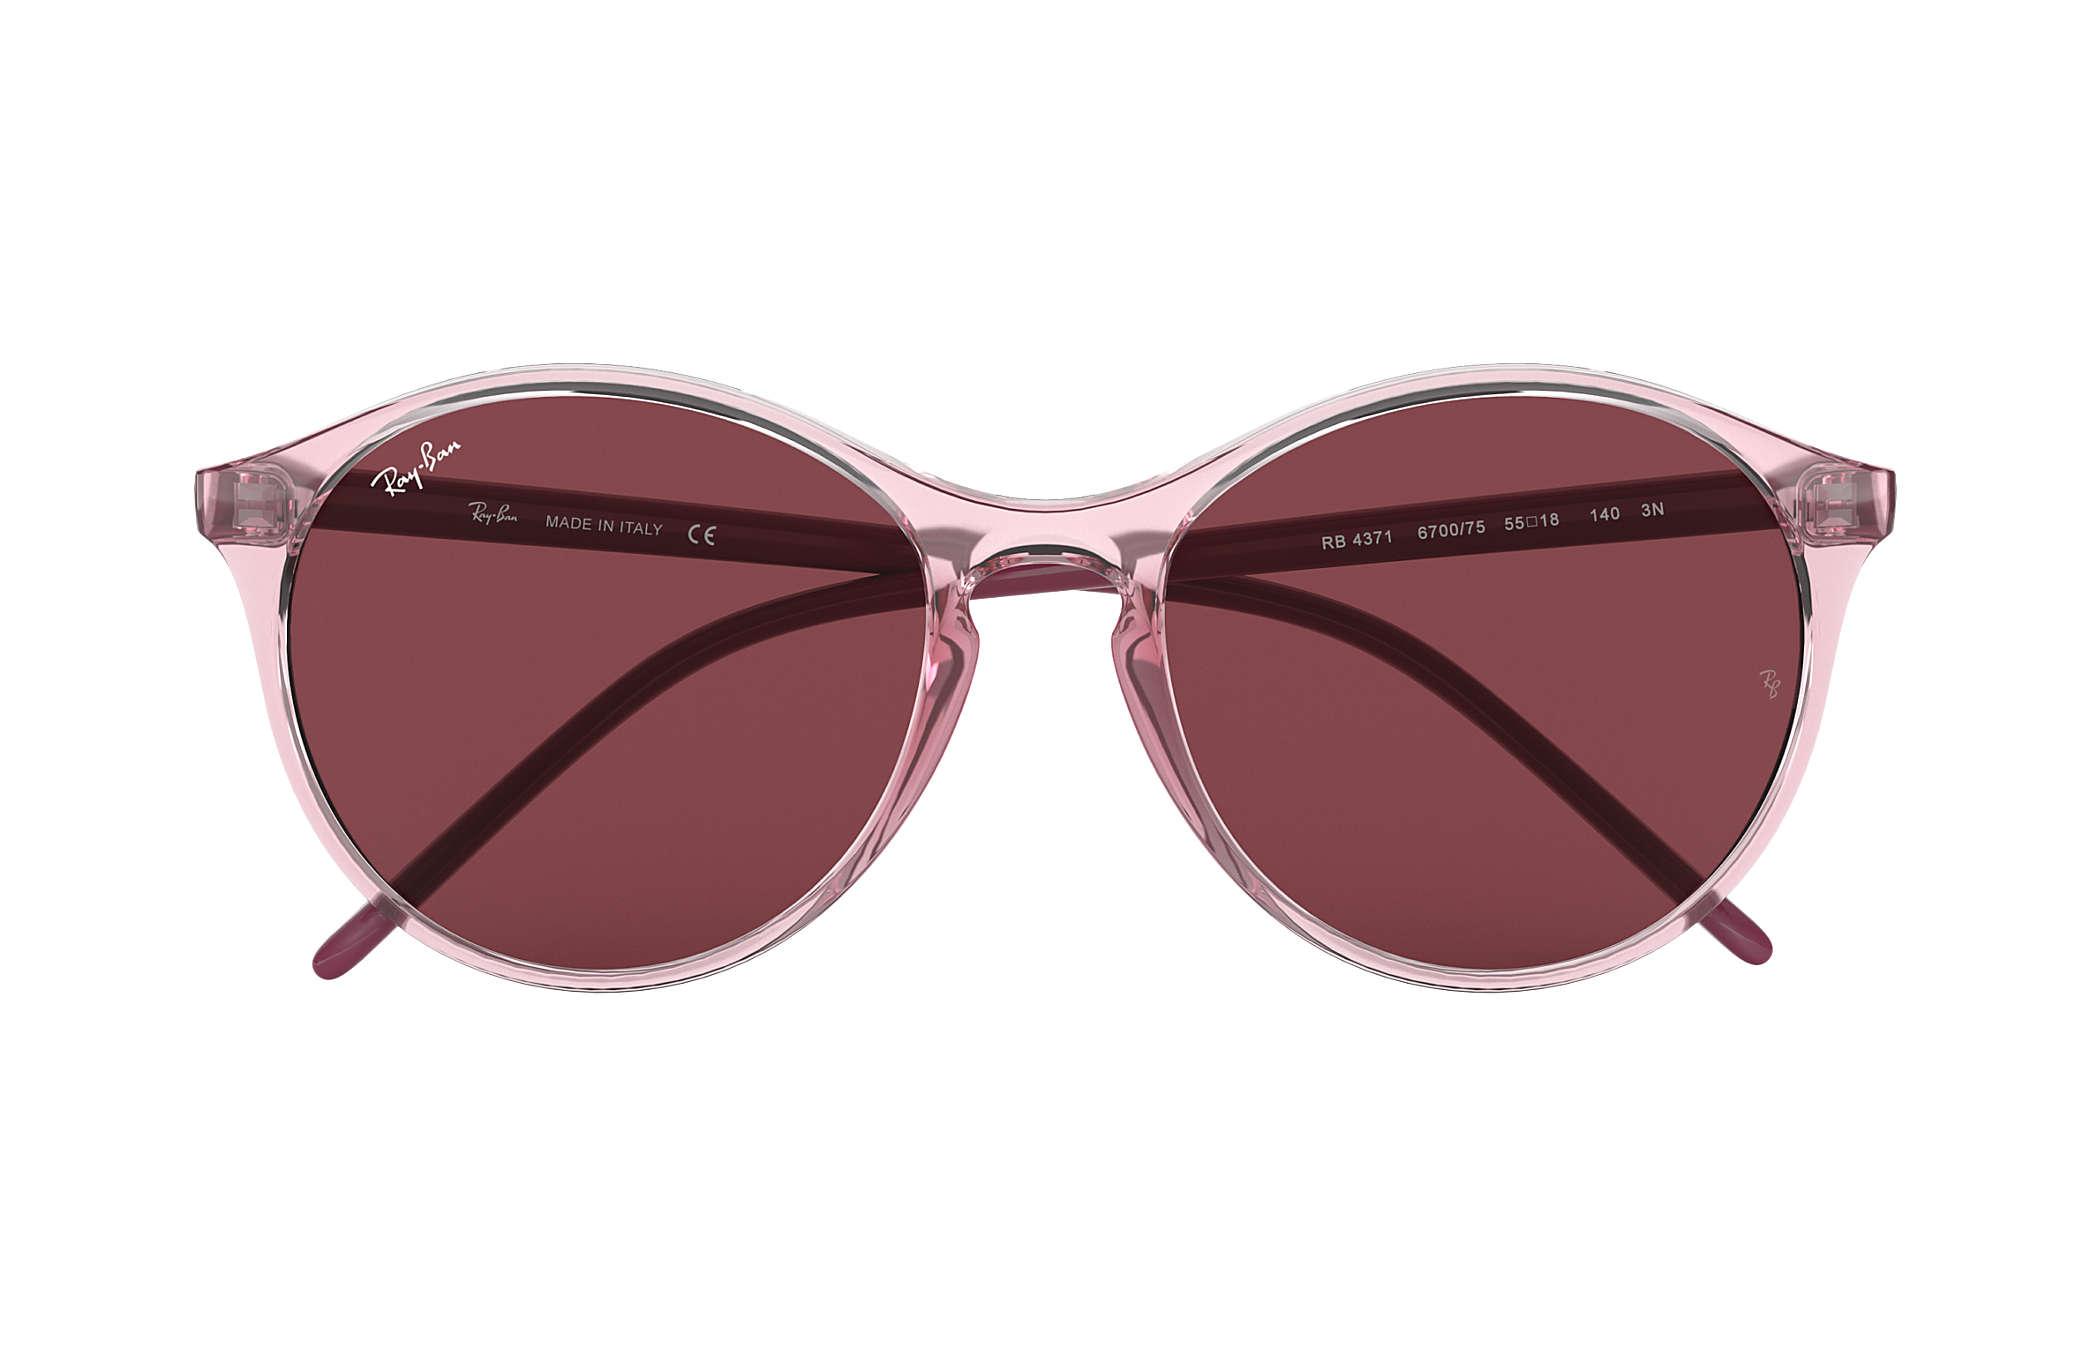 2231e2f616 Ray-Ban RB4371 Pink - Nylon - Dark Violet Lenses - 0RB437164007555 ...